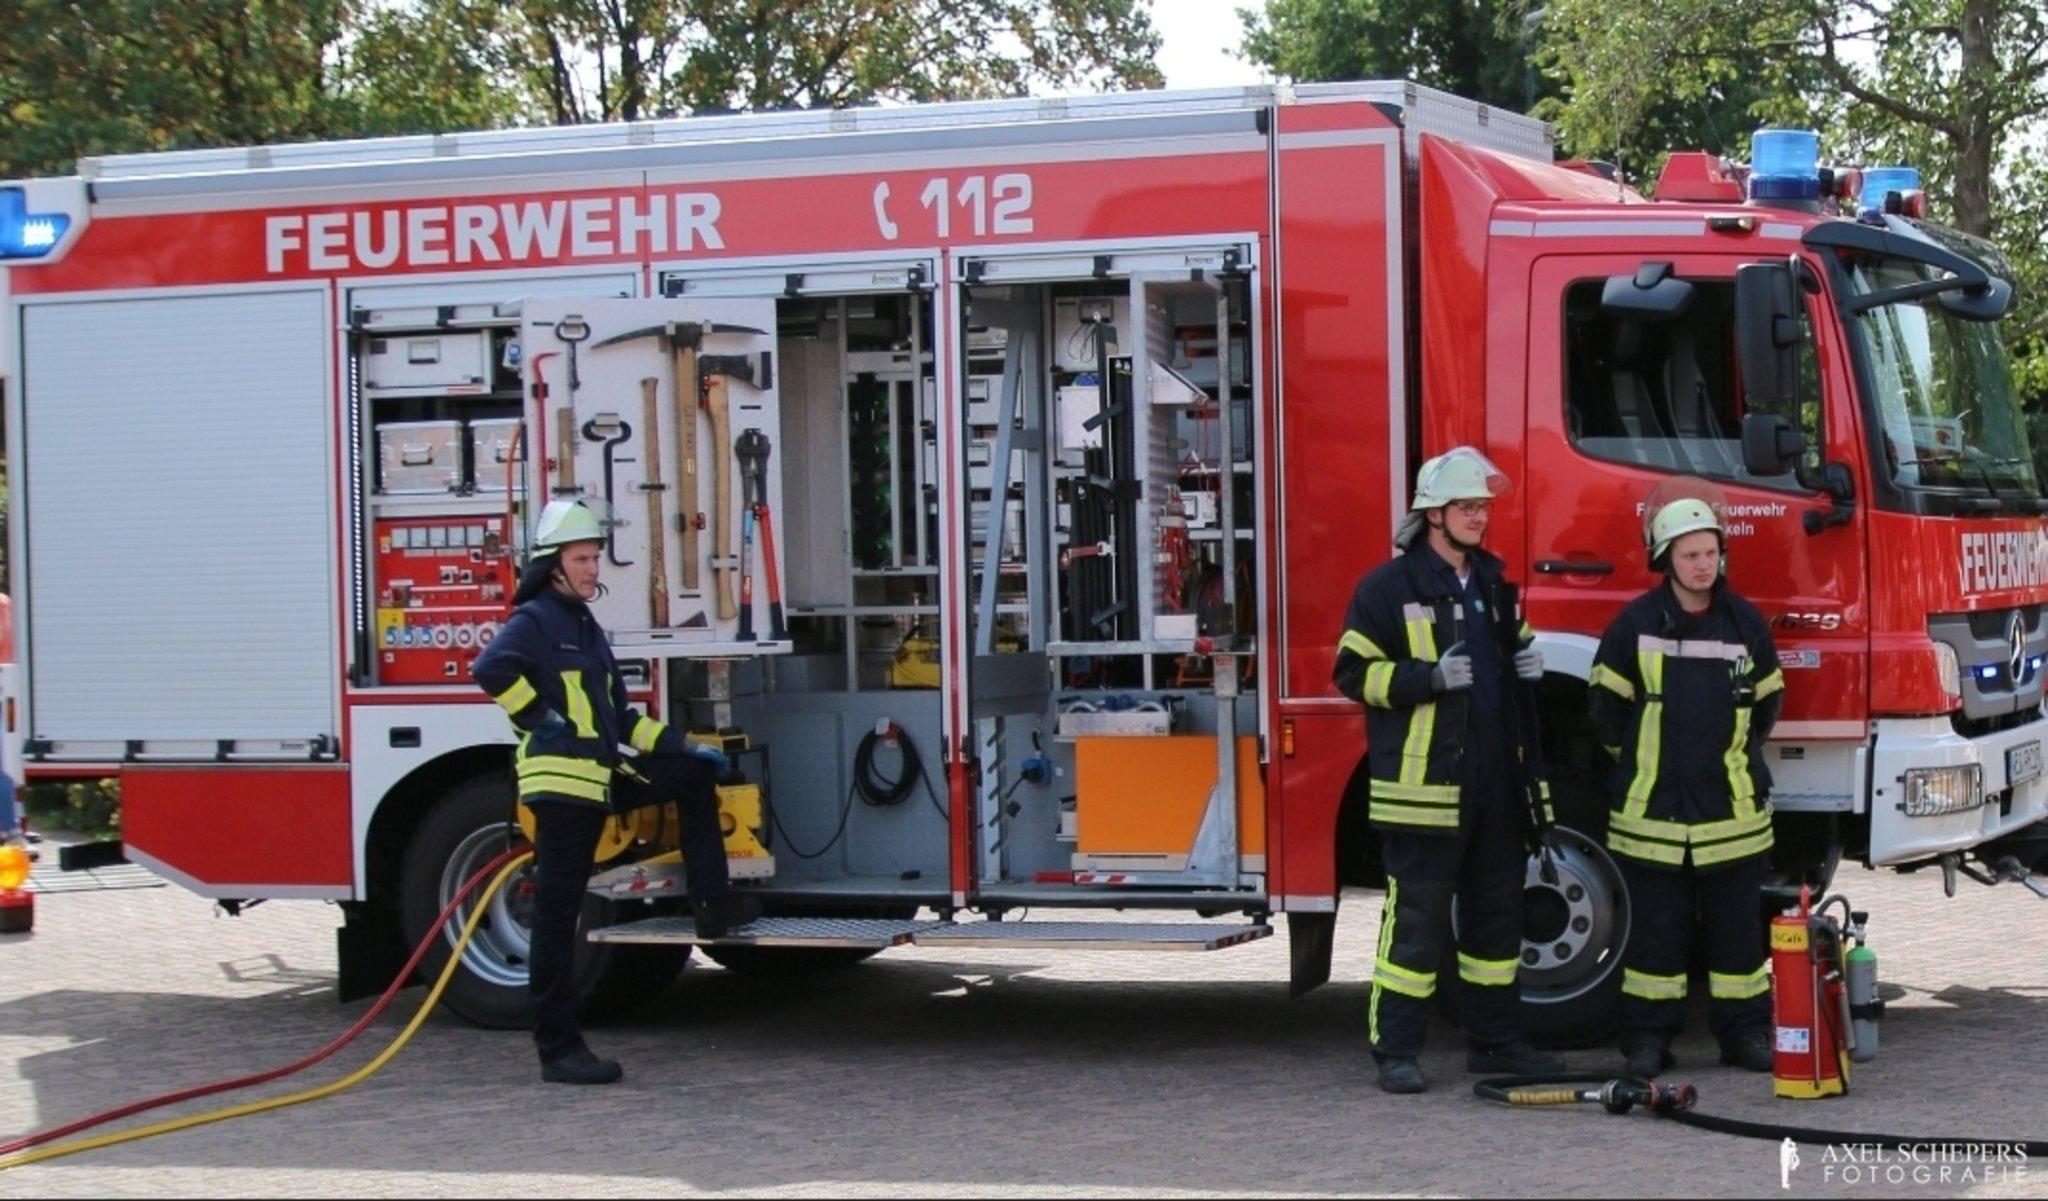 Feuerwehreinsatz Hamminkeln